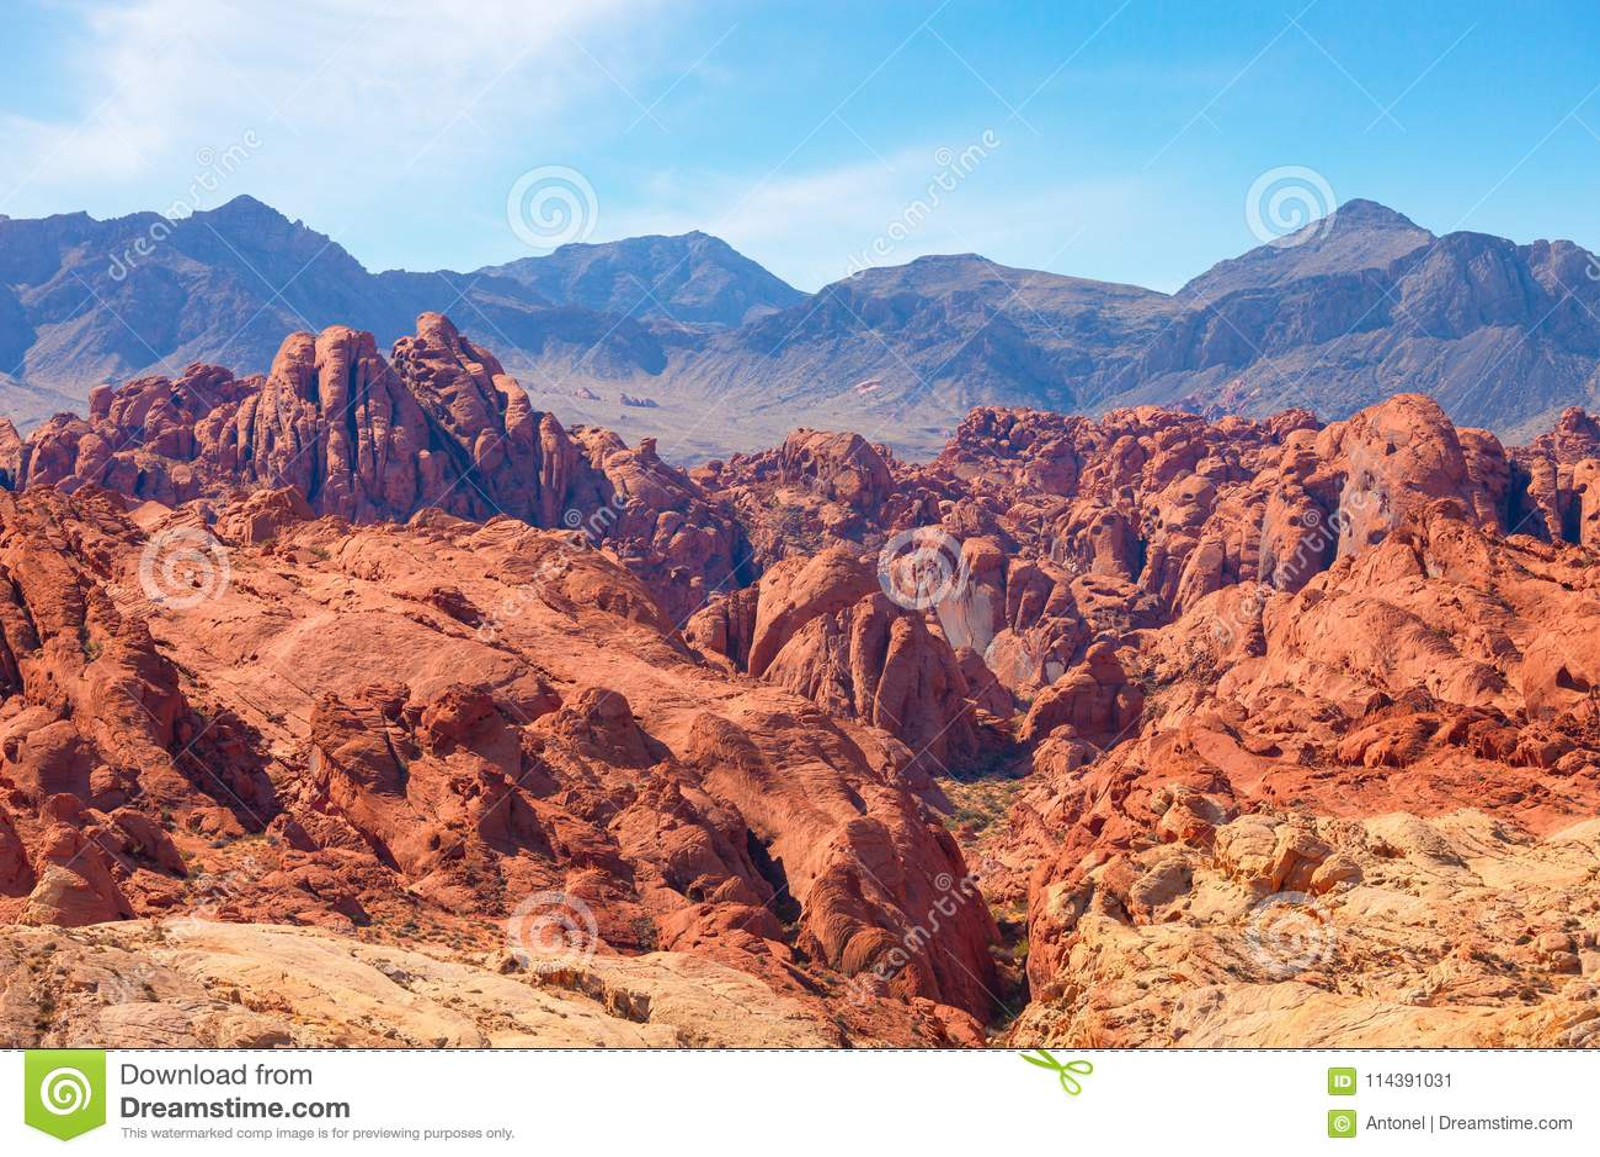 Pożarniczy jar w dolinie Pożarniczy stanu park, Nevada, Stany Zjednoczone